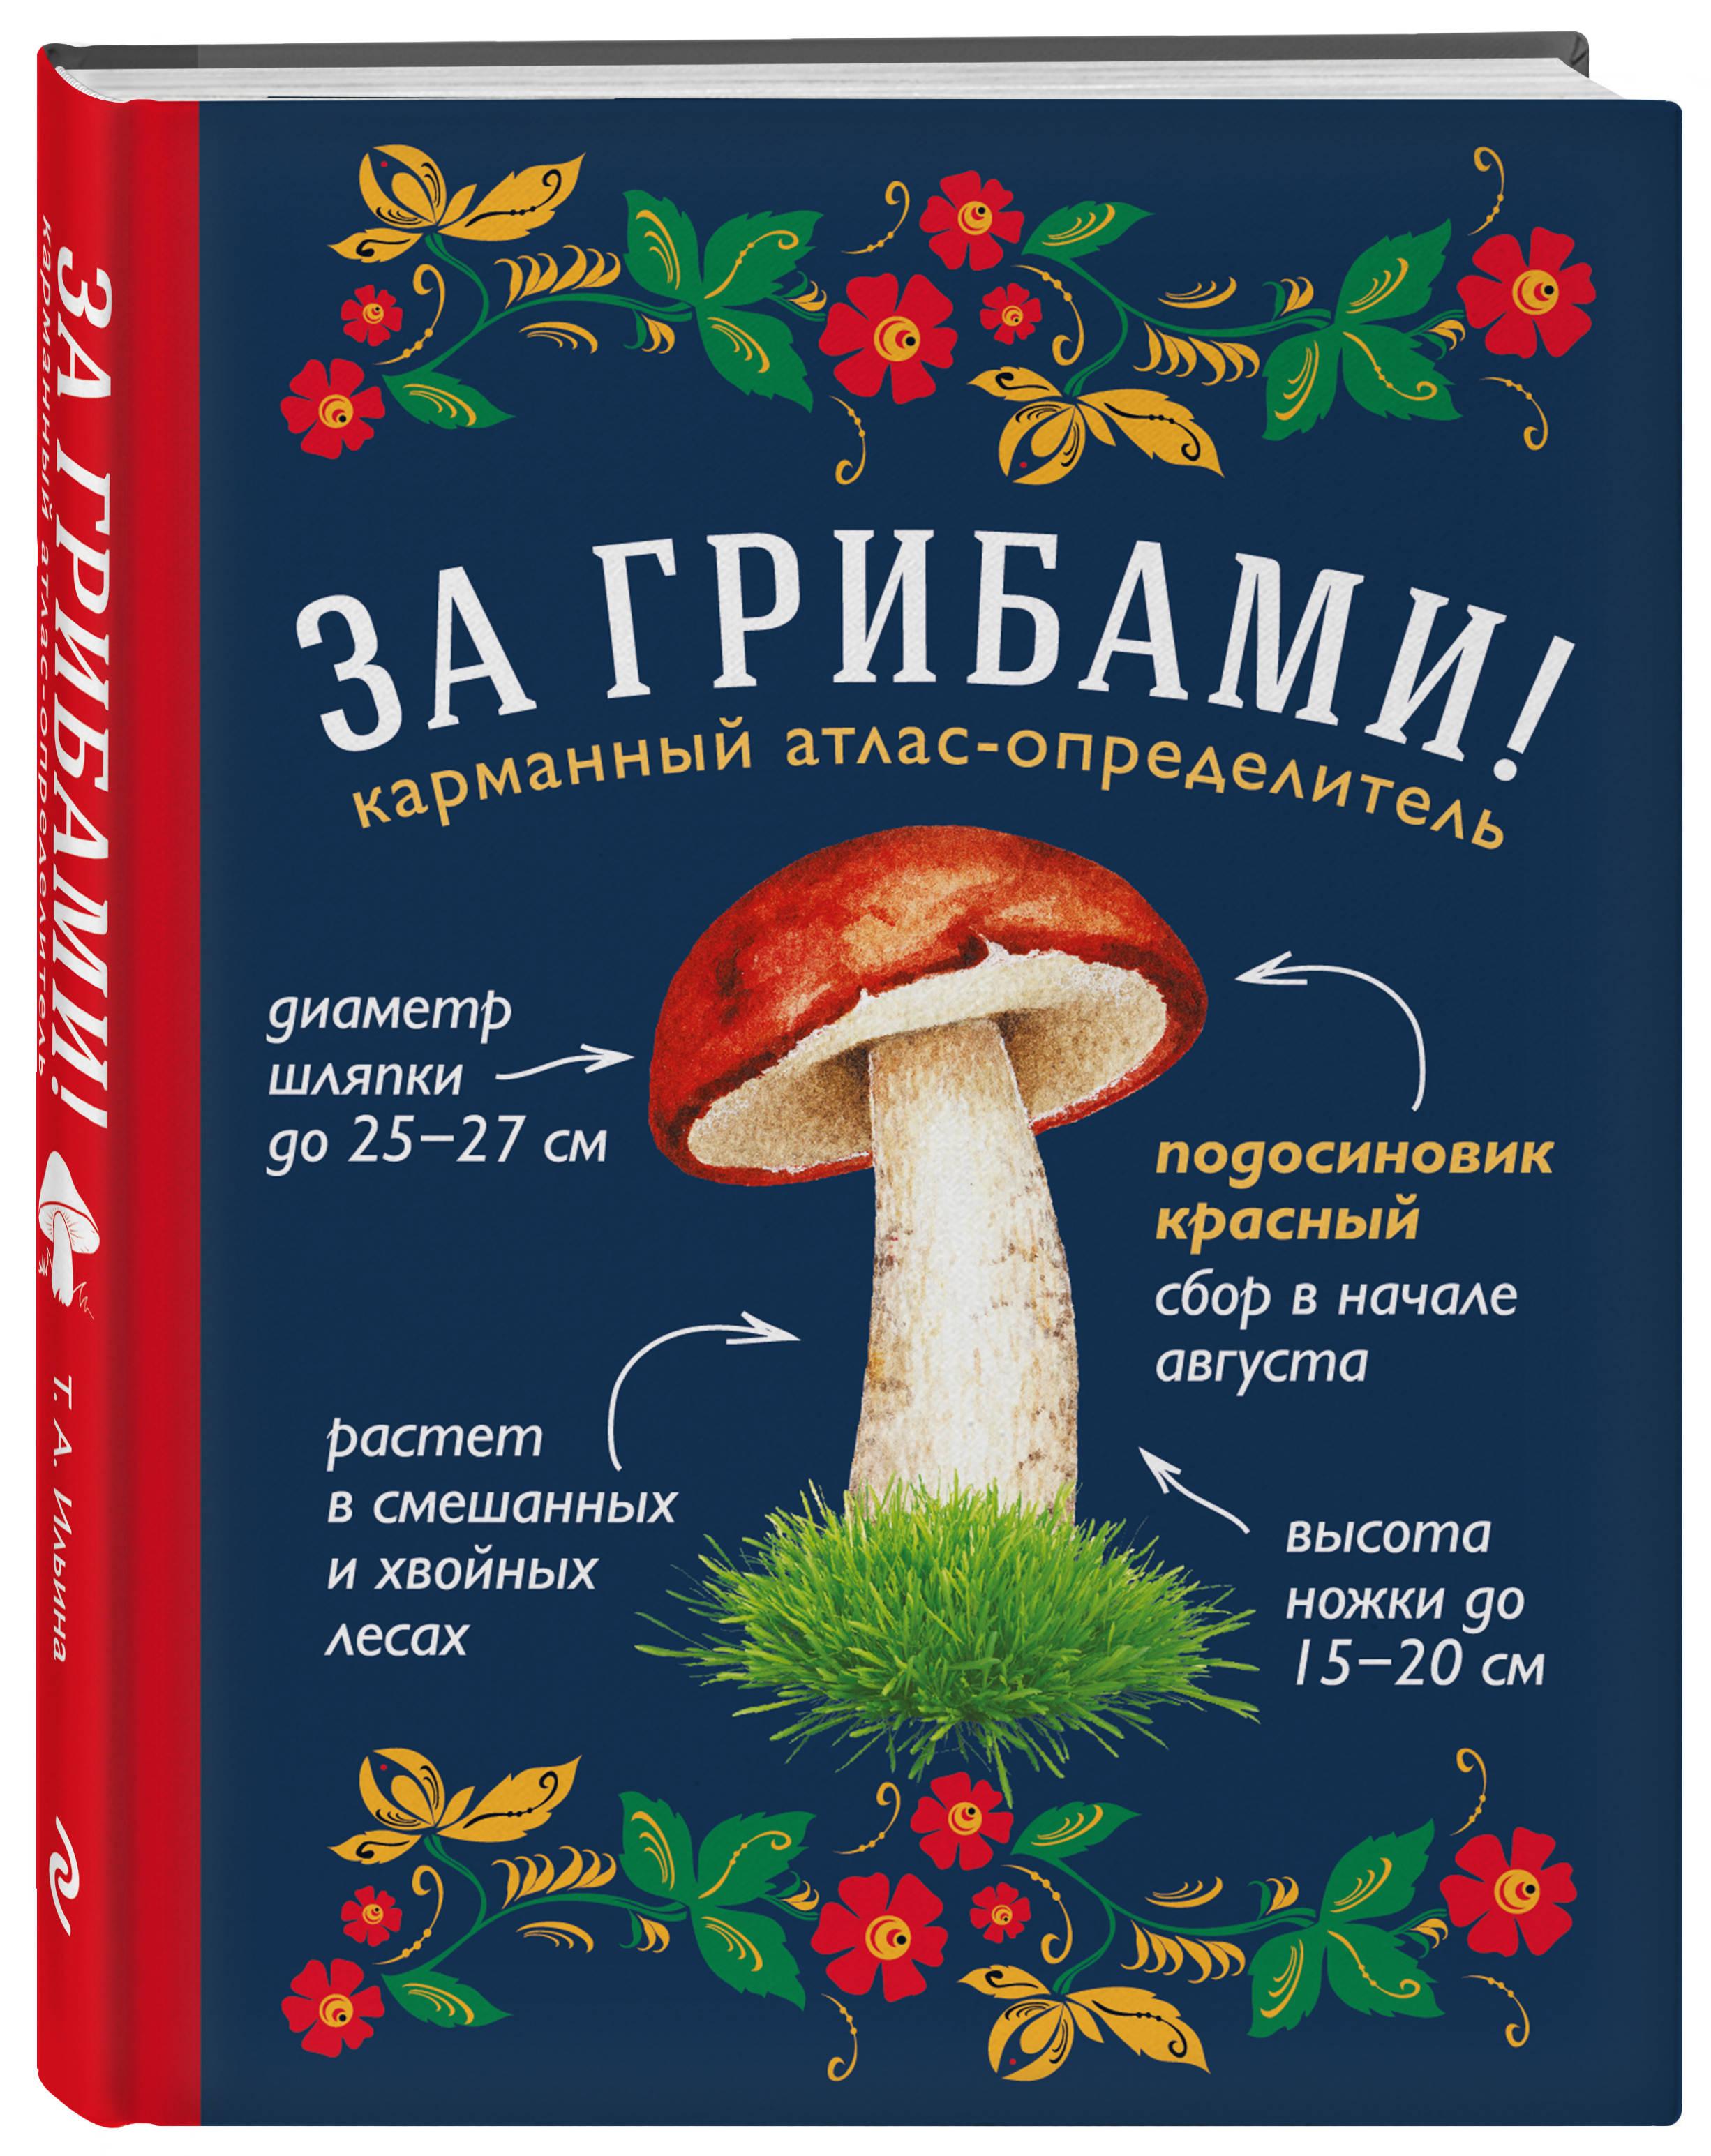 Ильина Т.А. За грибами. Карманный атлас-определитель татьяна ильина грибы атлас определитель